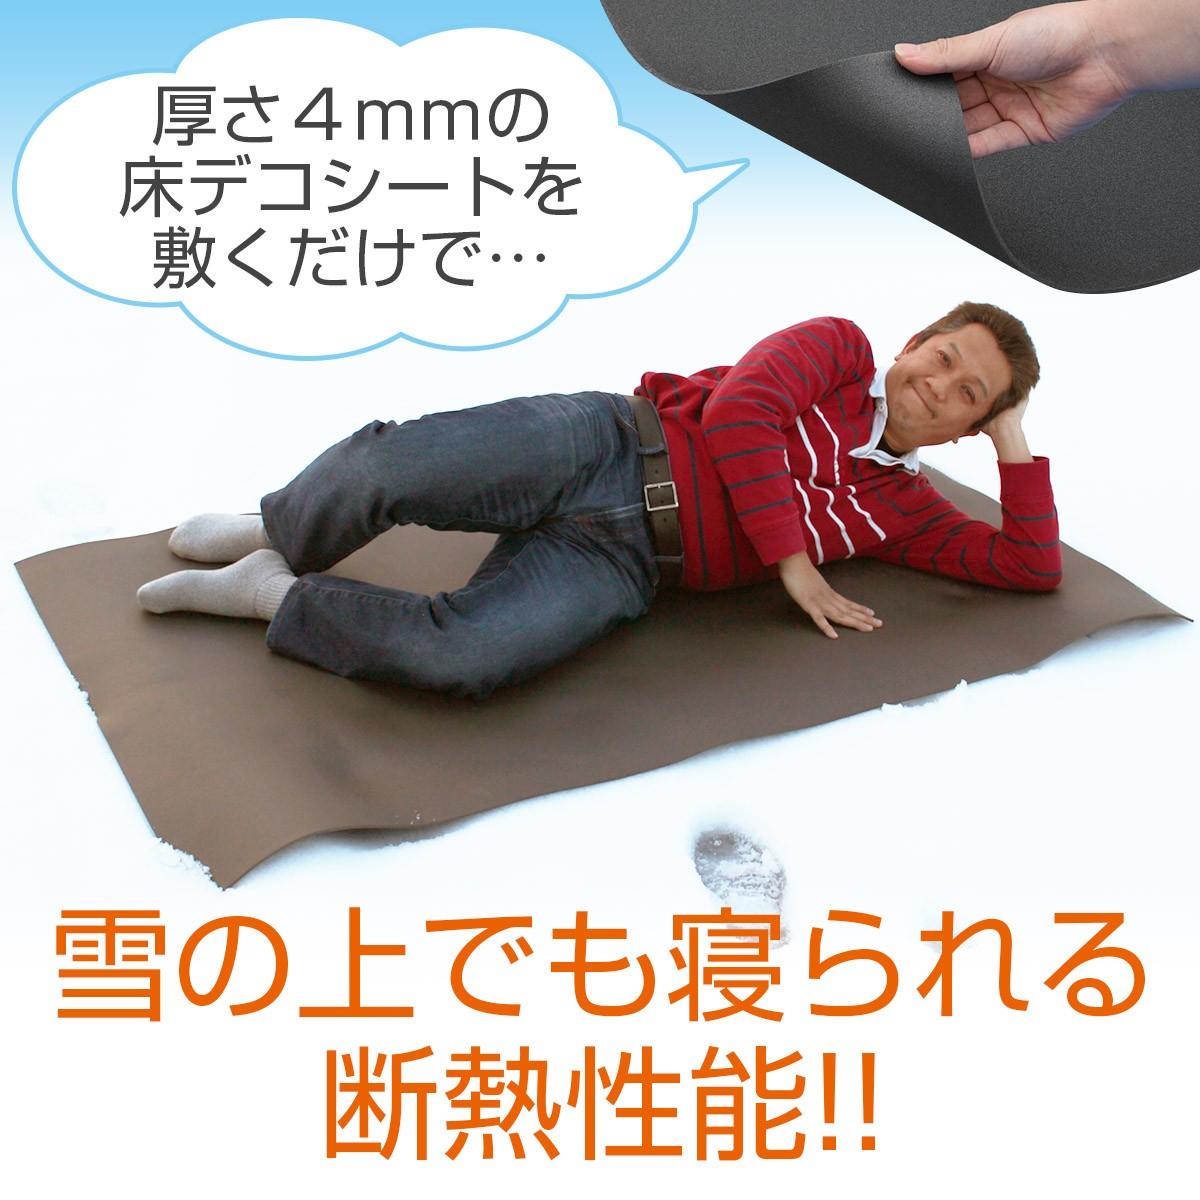 厚さ4ミリの床デコシートを敷くだけで…雪の上でも寝られる断熱性能!